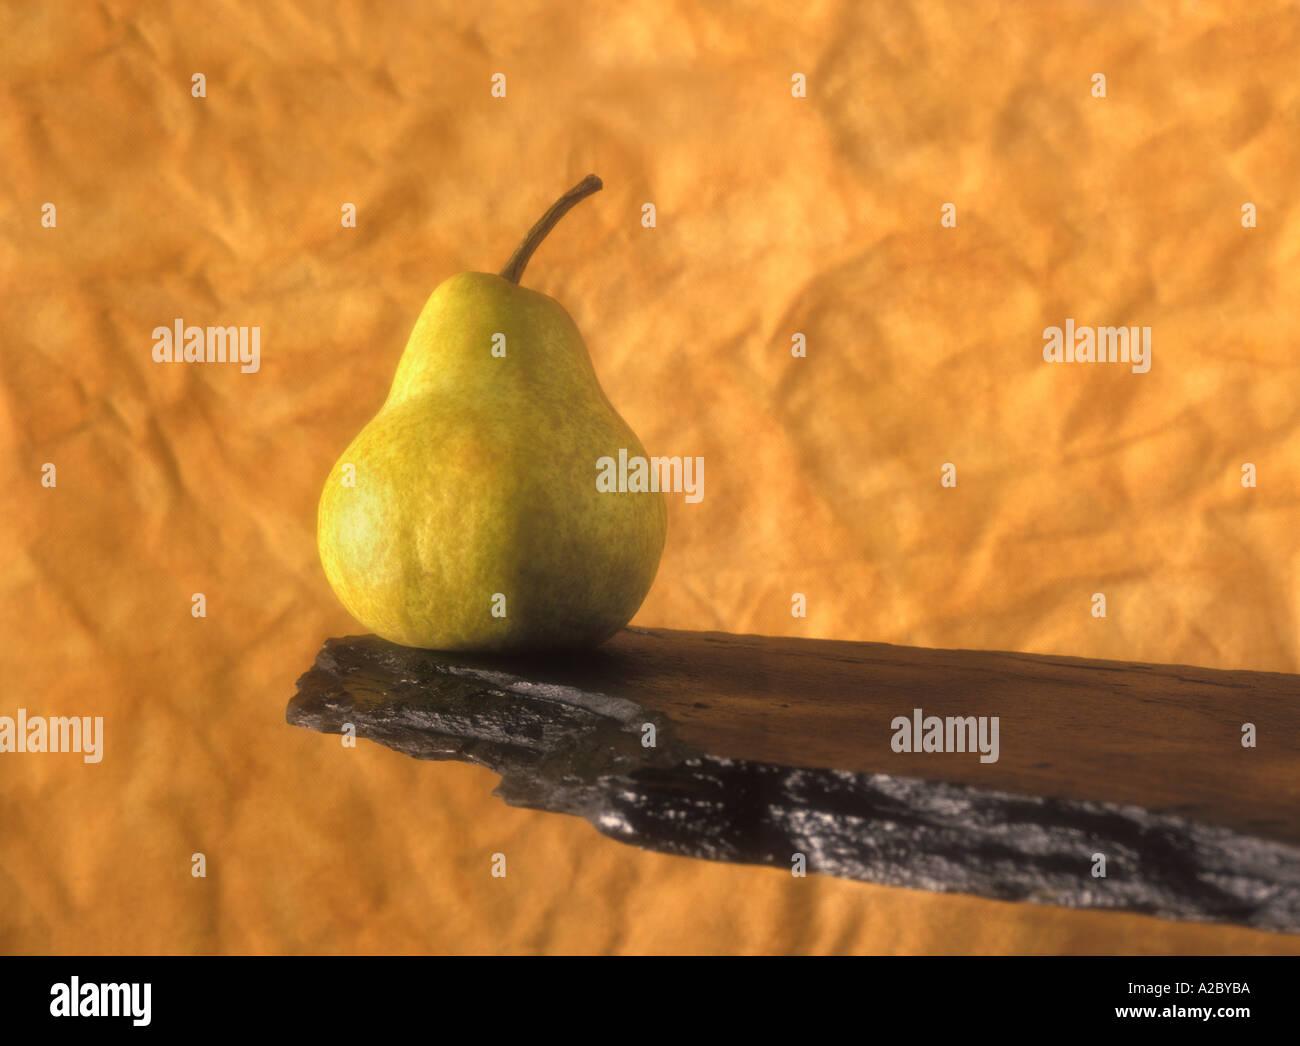 Pear Portrait - Stock Image